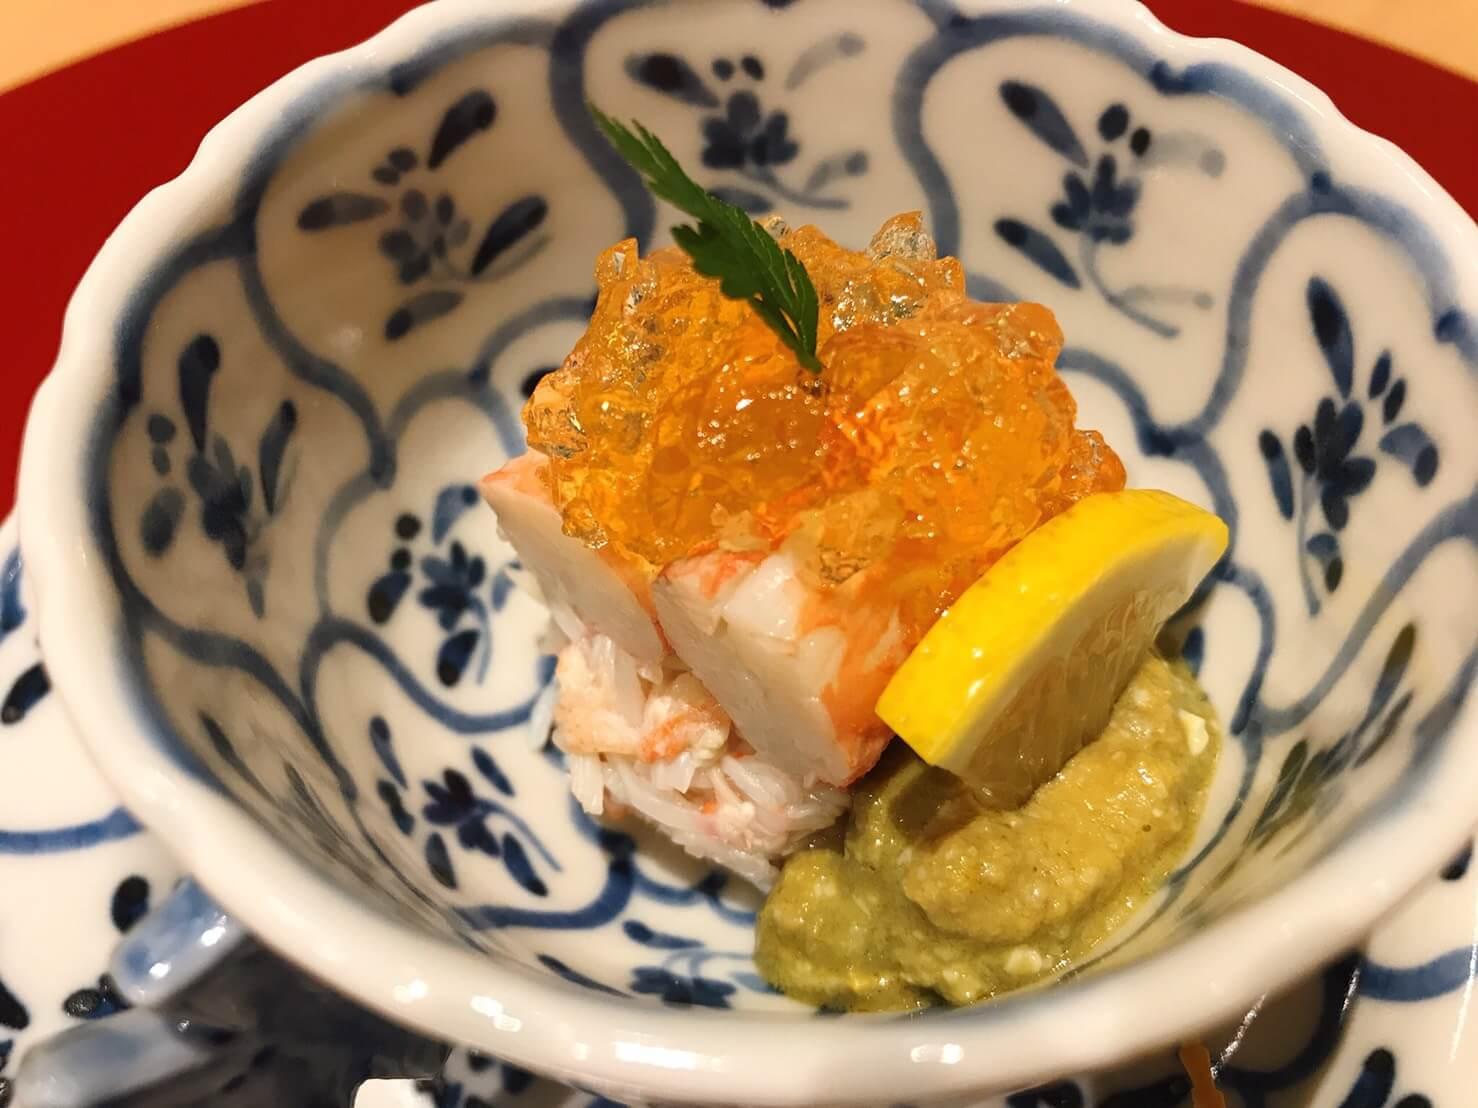 ひら井名古屋の越前ずわい蟹ほぐし